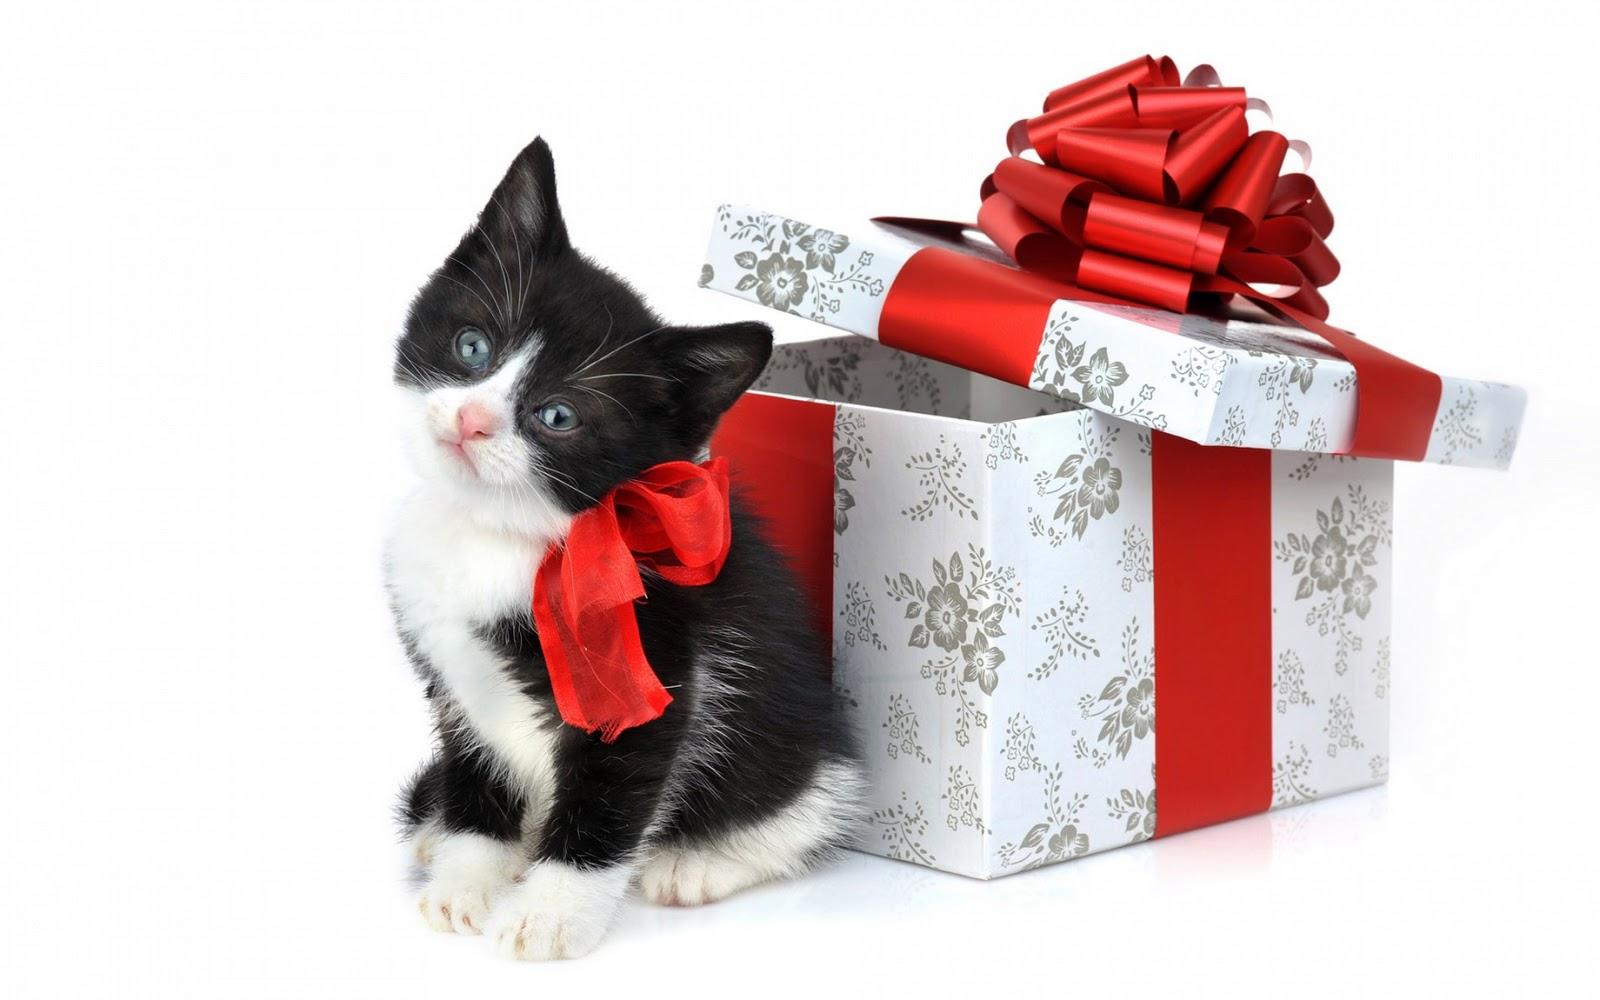 http://3.bp.blogspot.com/-7Td4fhniulQ/TuszDtwC2gI/AAAAAAAA43c/uR5bAMLb1Uk/s1600/Christmas+Wallpaper+04.jpg